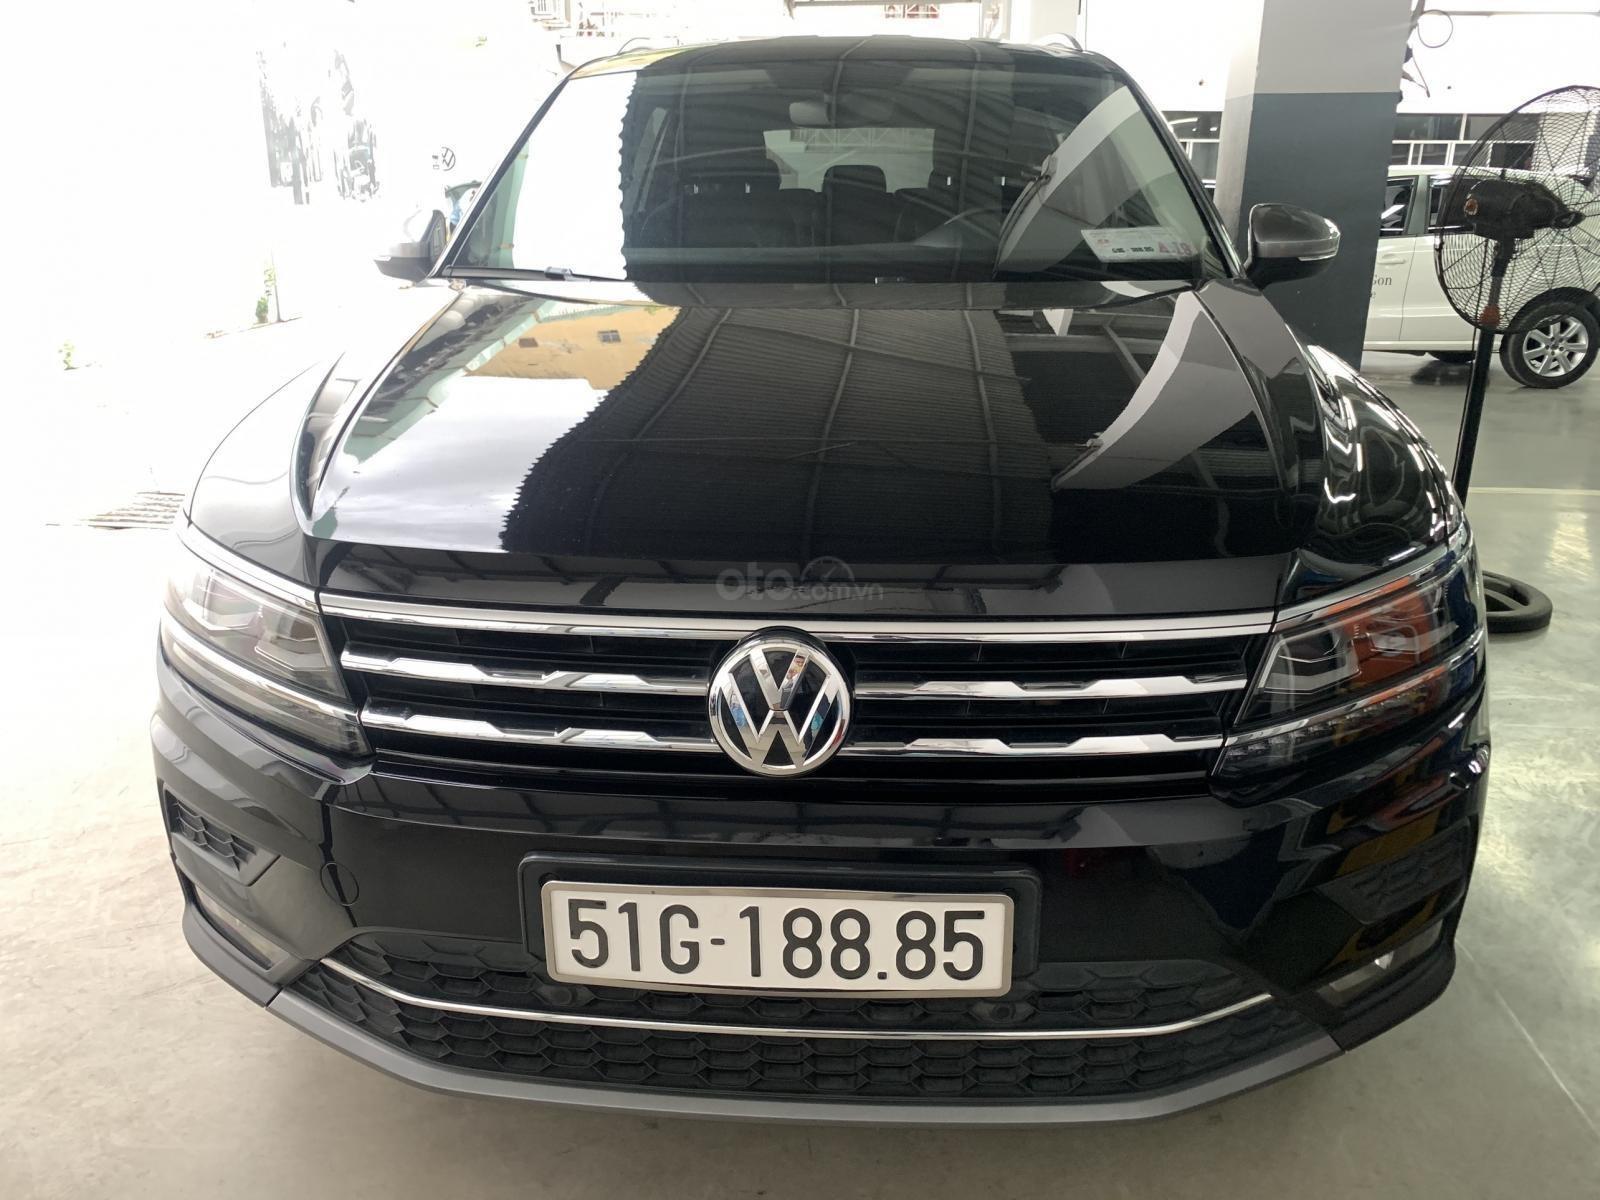 Xe công ty cần thanh lý xe Tiguan Allspace màu đen - nhiều option giá hạt dẻ, liên hệ Mr. Hùng Lâm VW Sài Gòn (6)